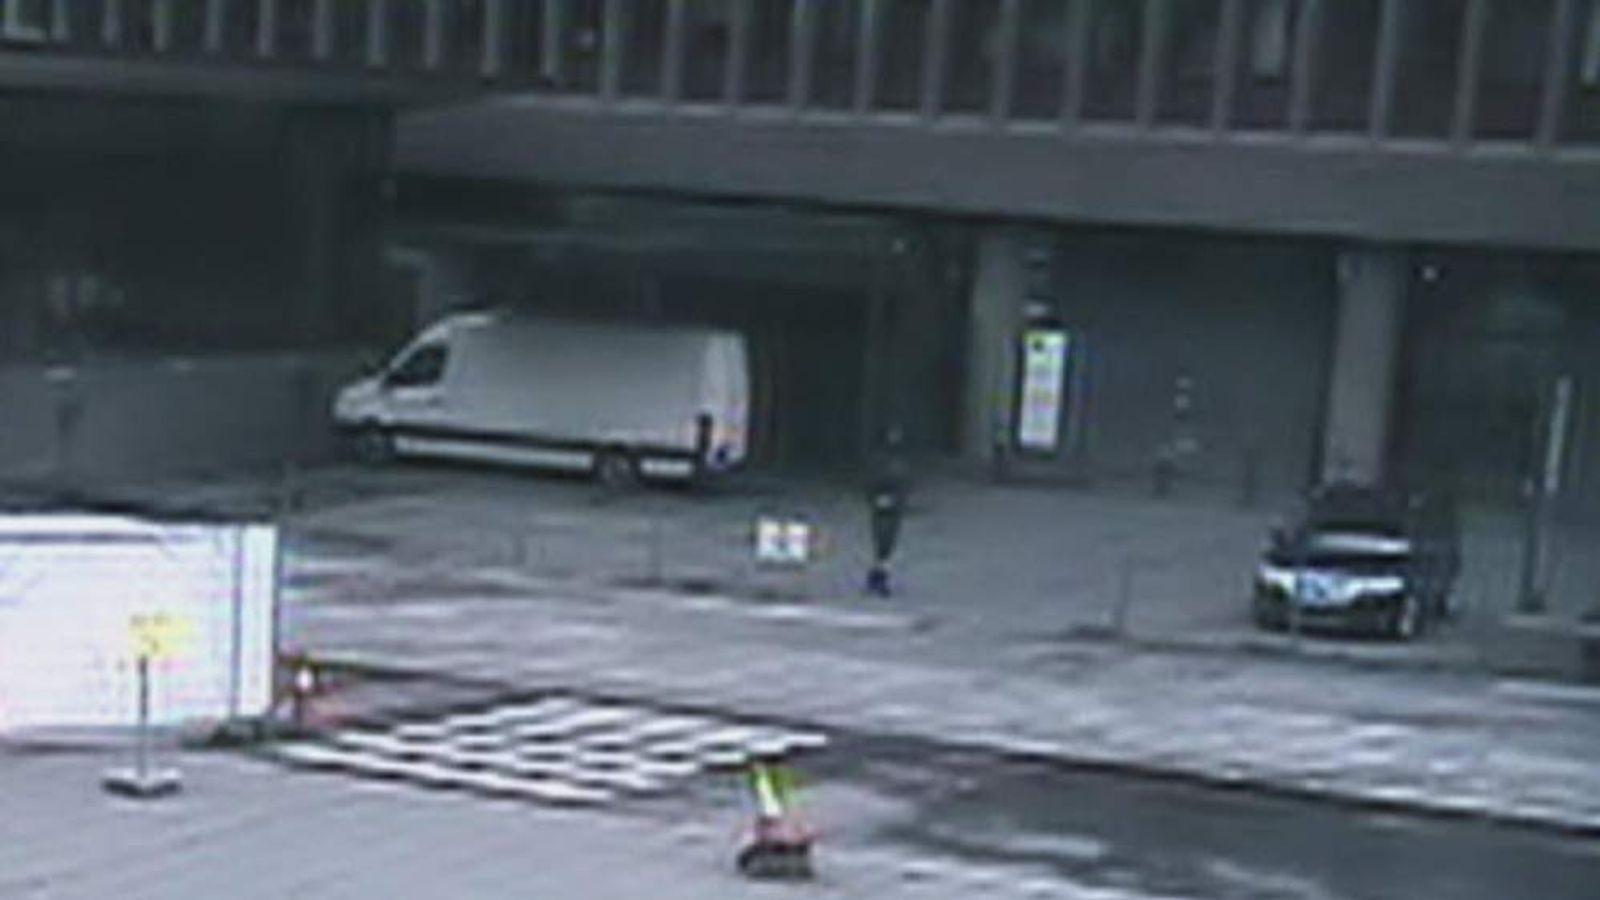 Anders Breivik caught on CCTV in Oslo